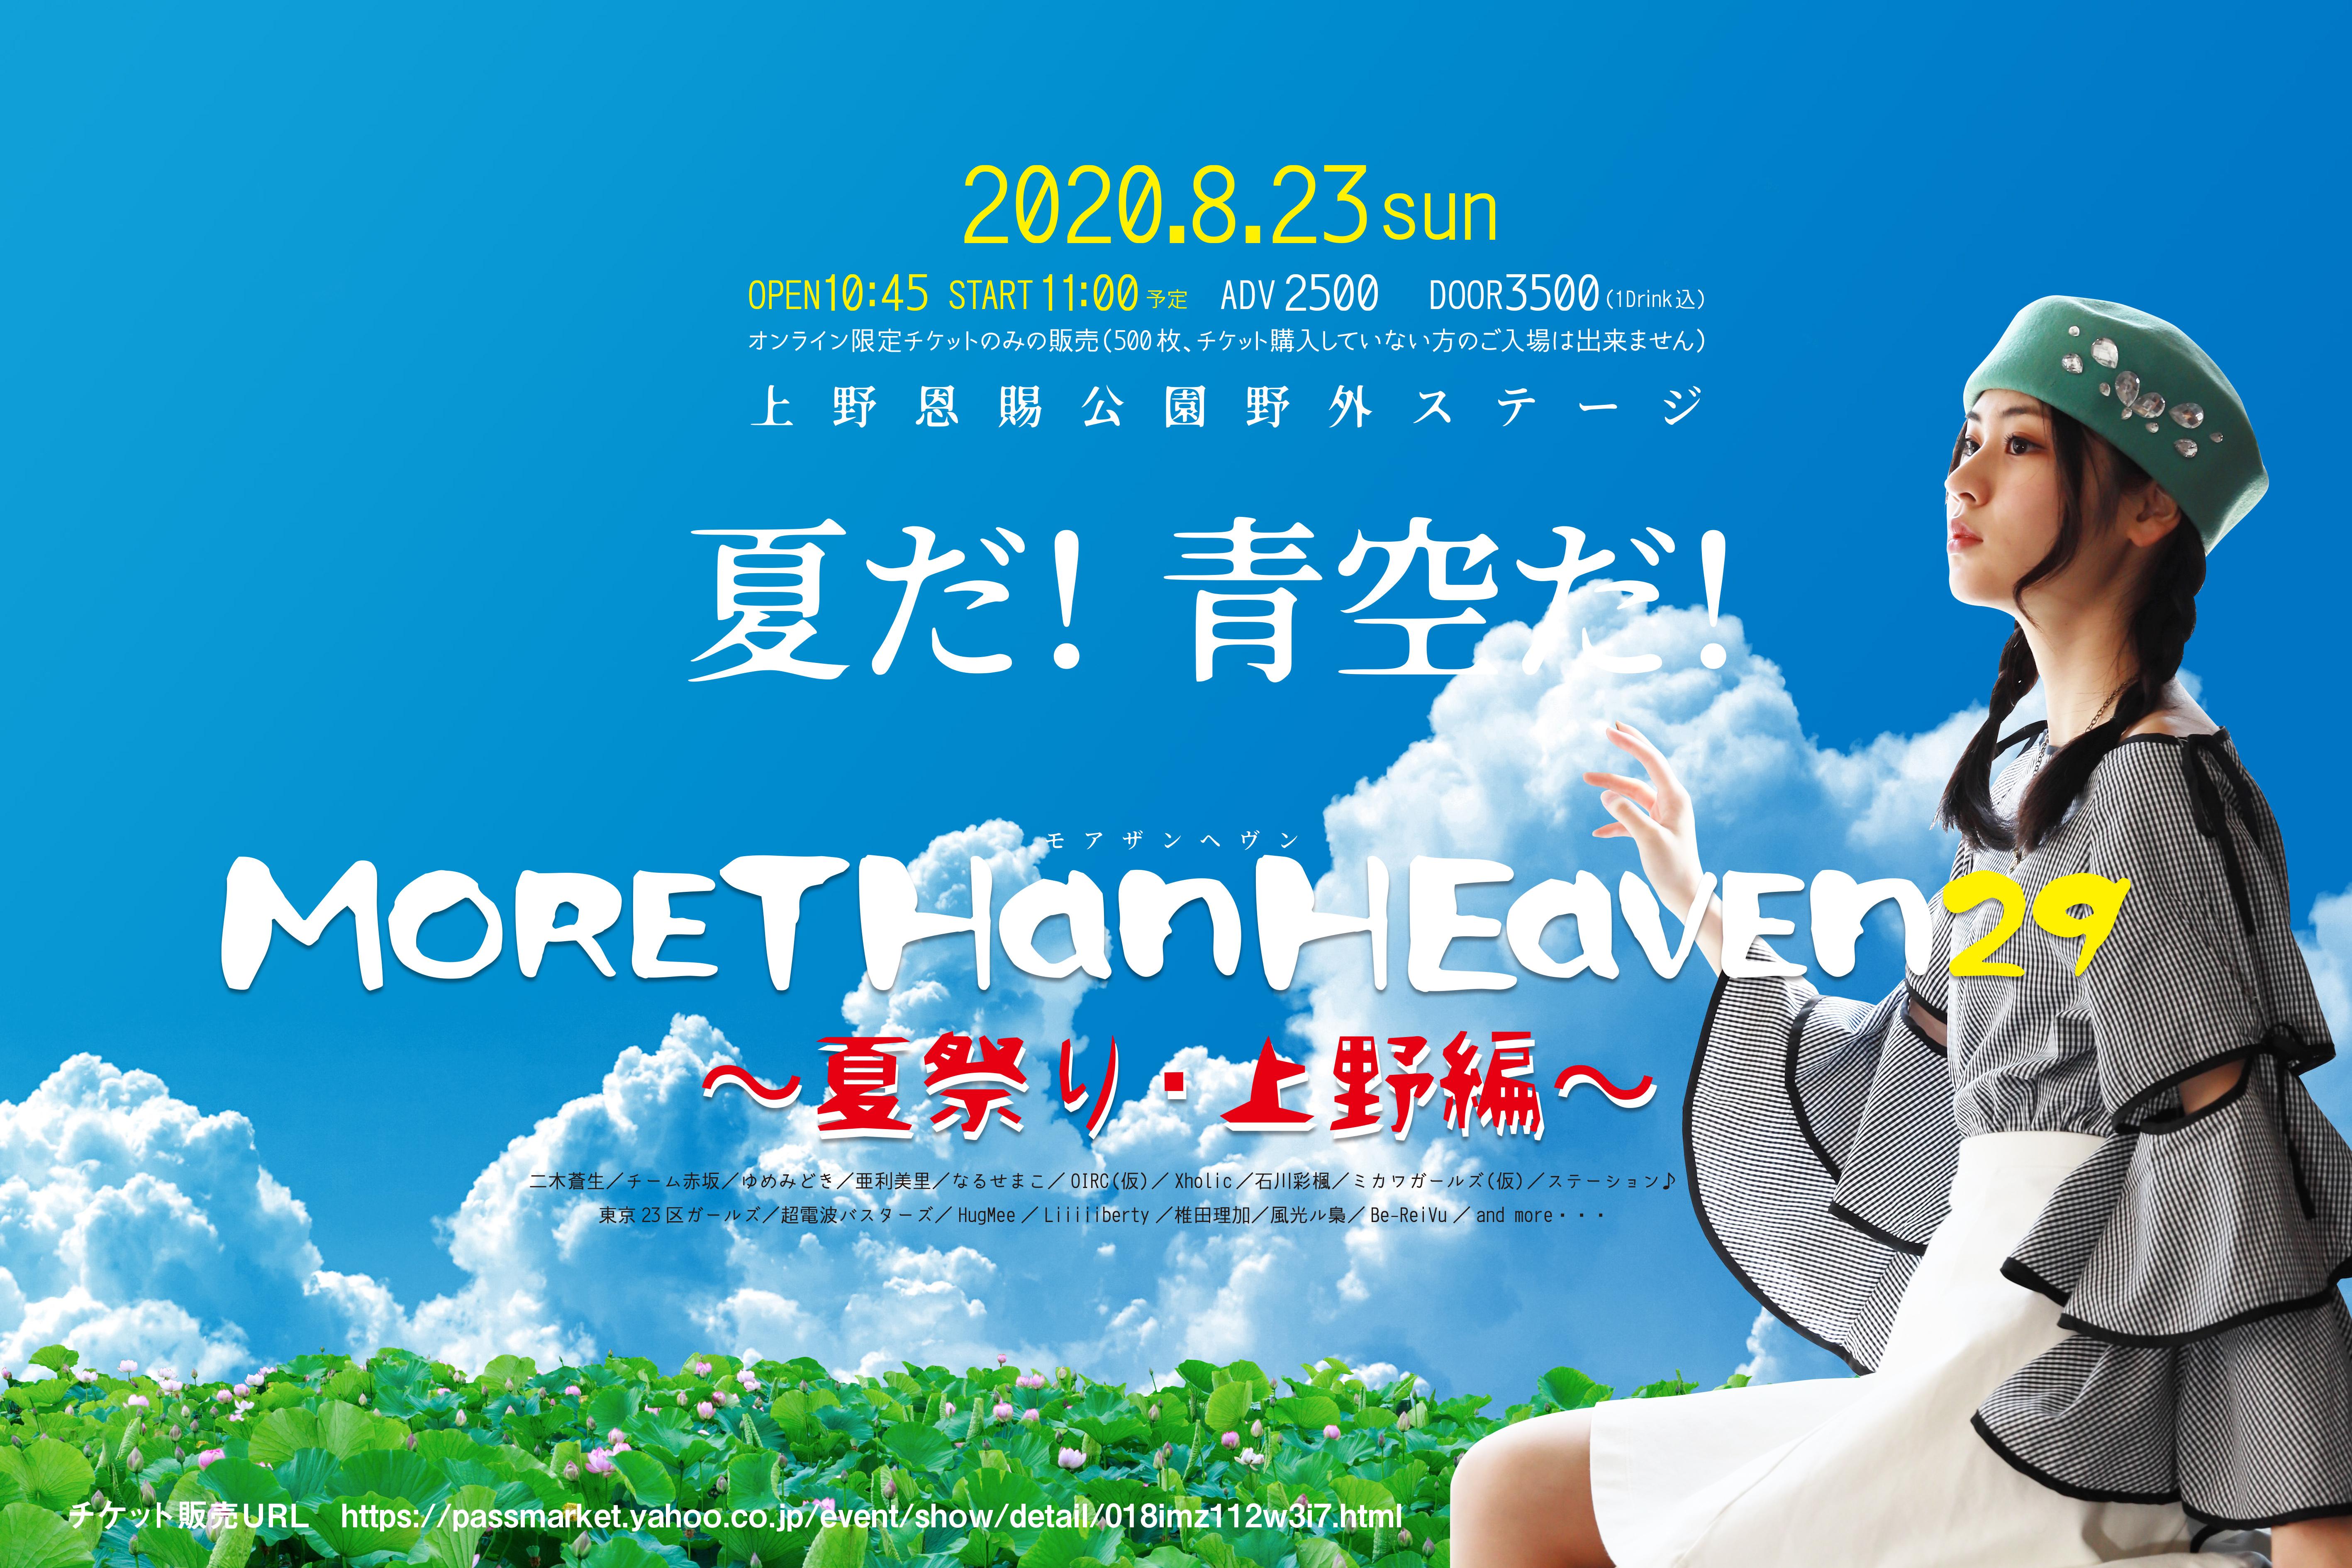 8/23(日)MORE Than HEaVEn29〜夏祭り・上野編〜